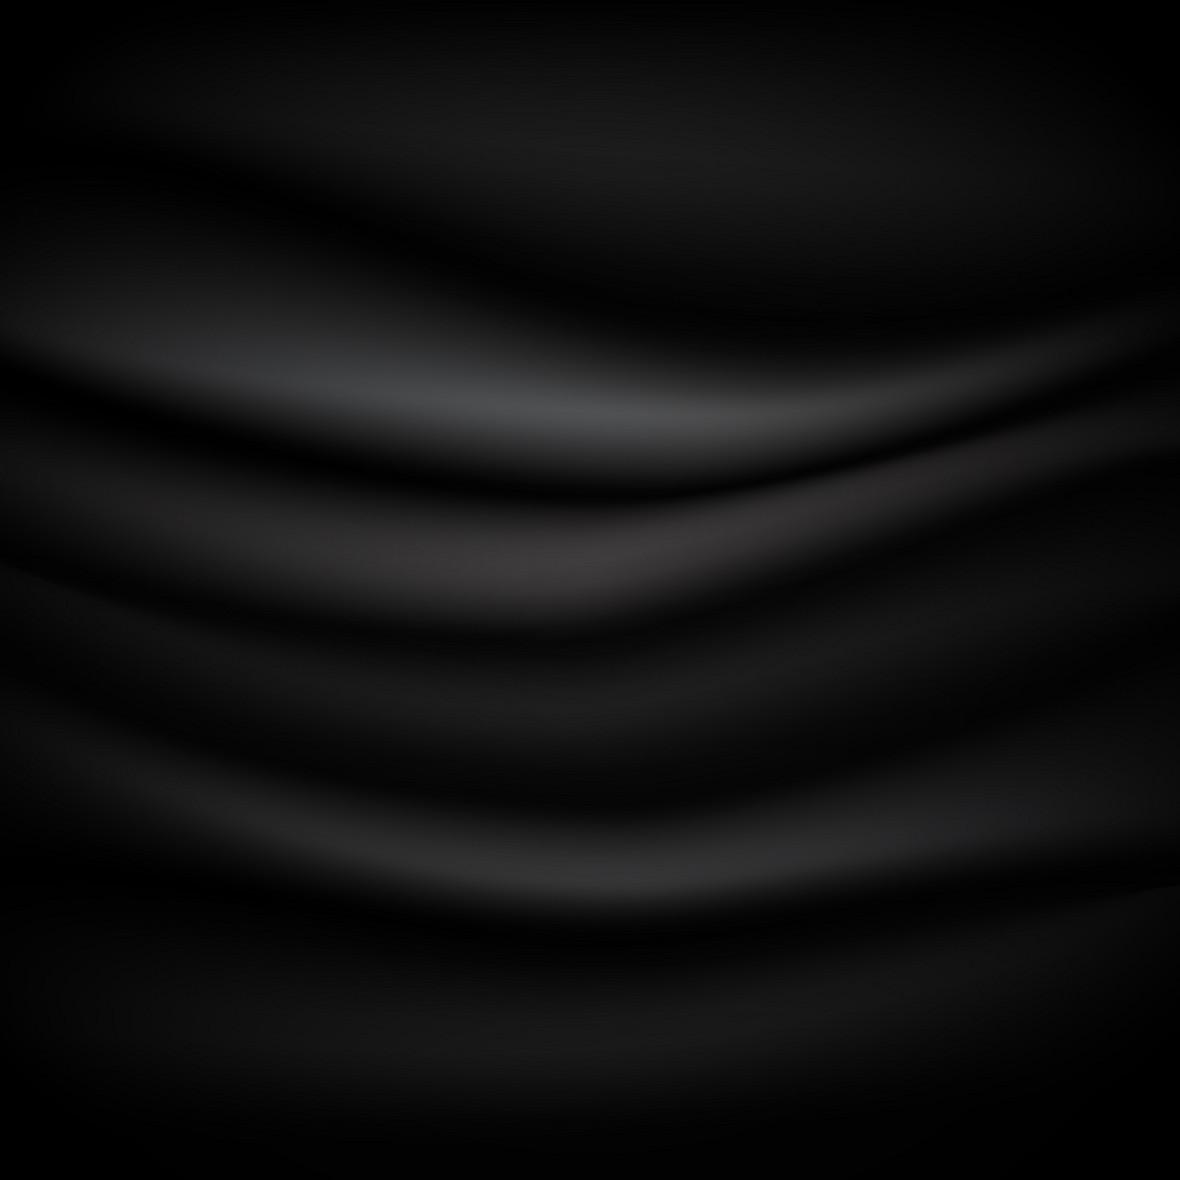 黑色渐变绸缎素材背景